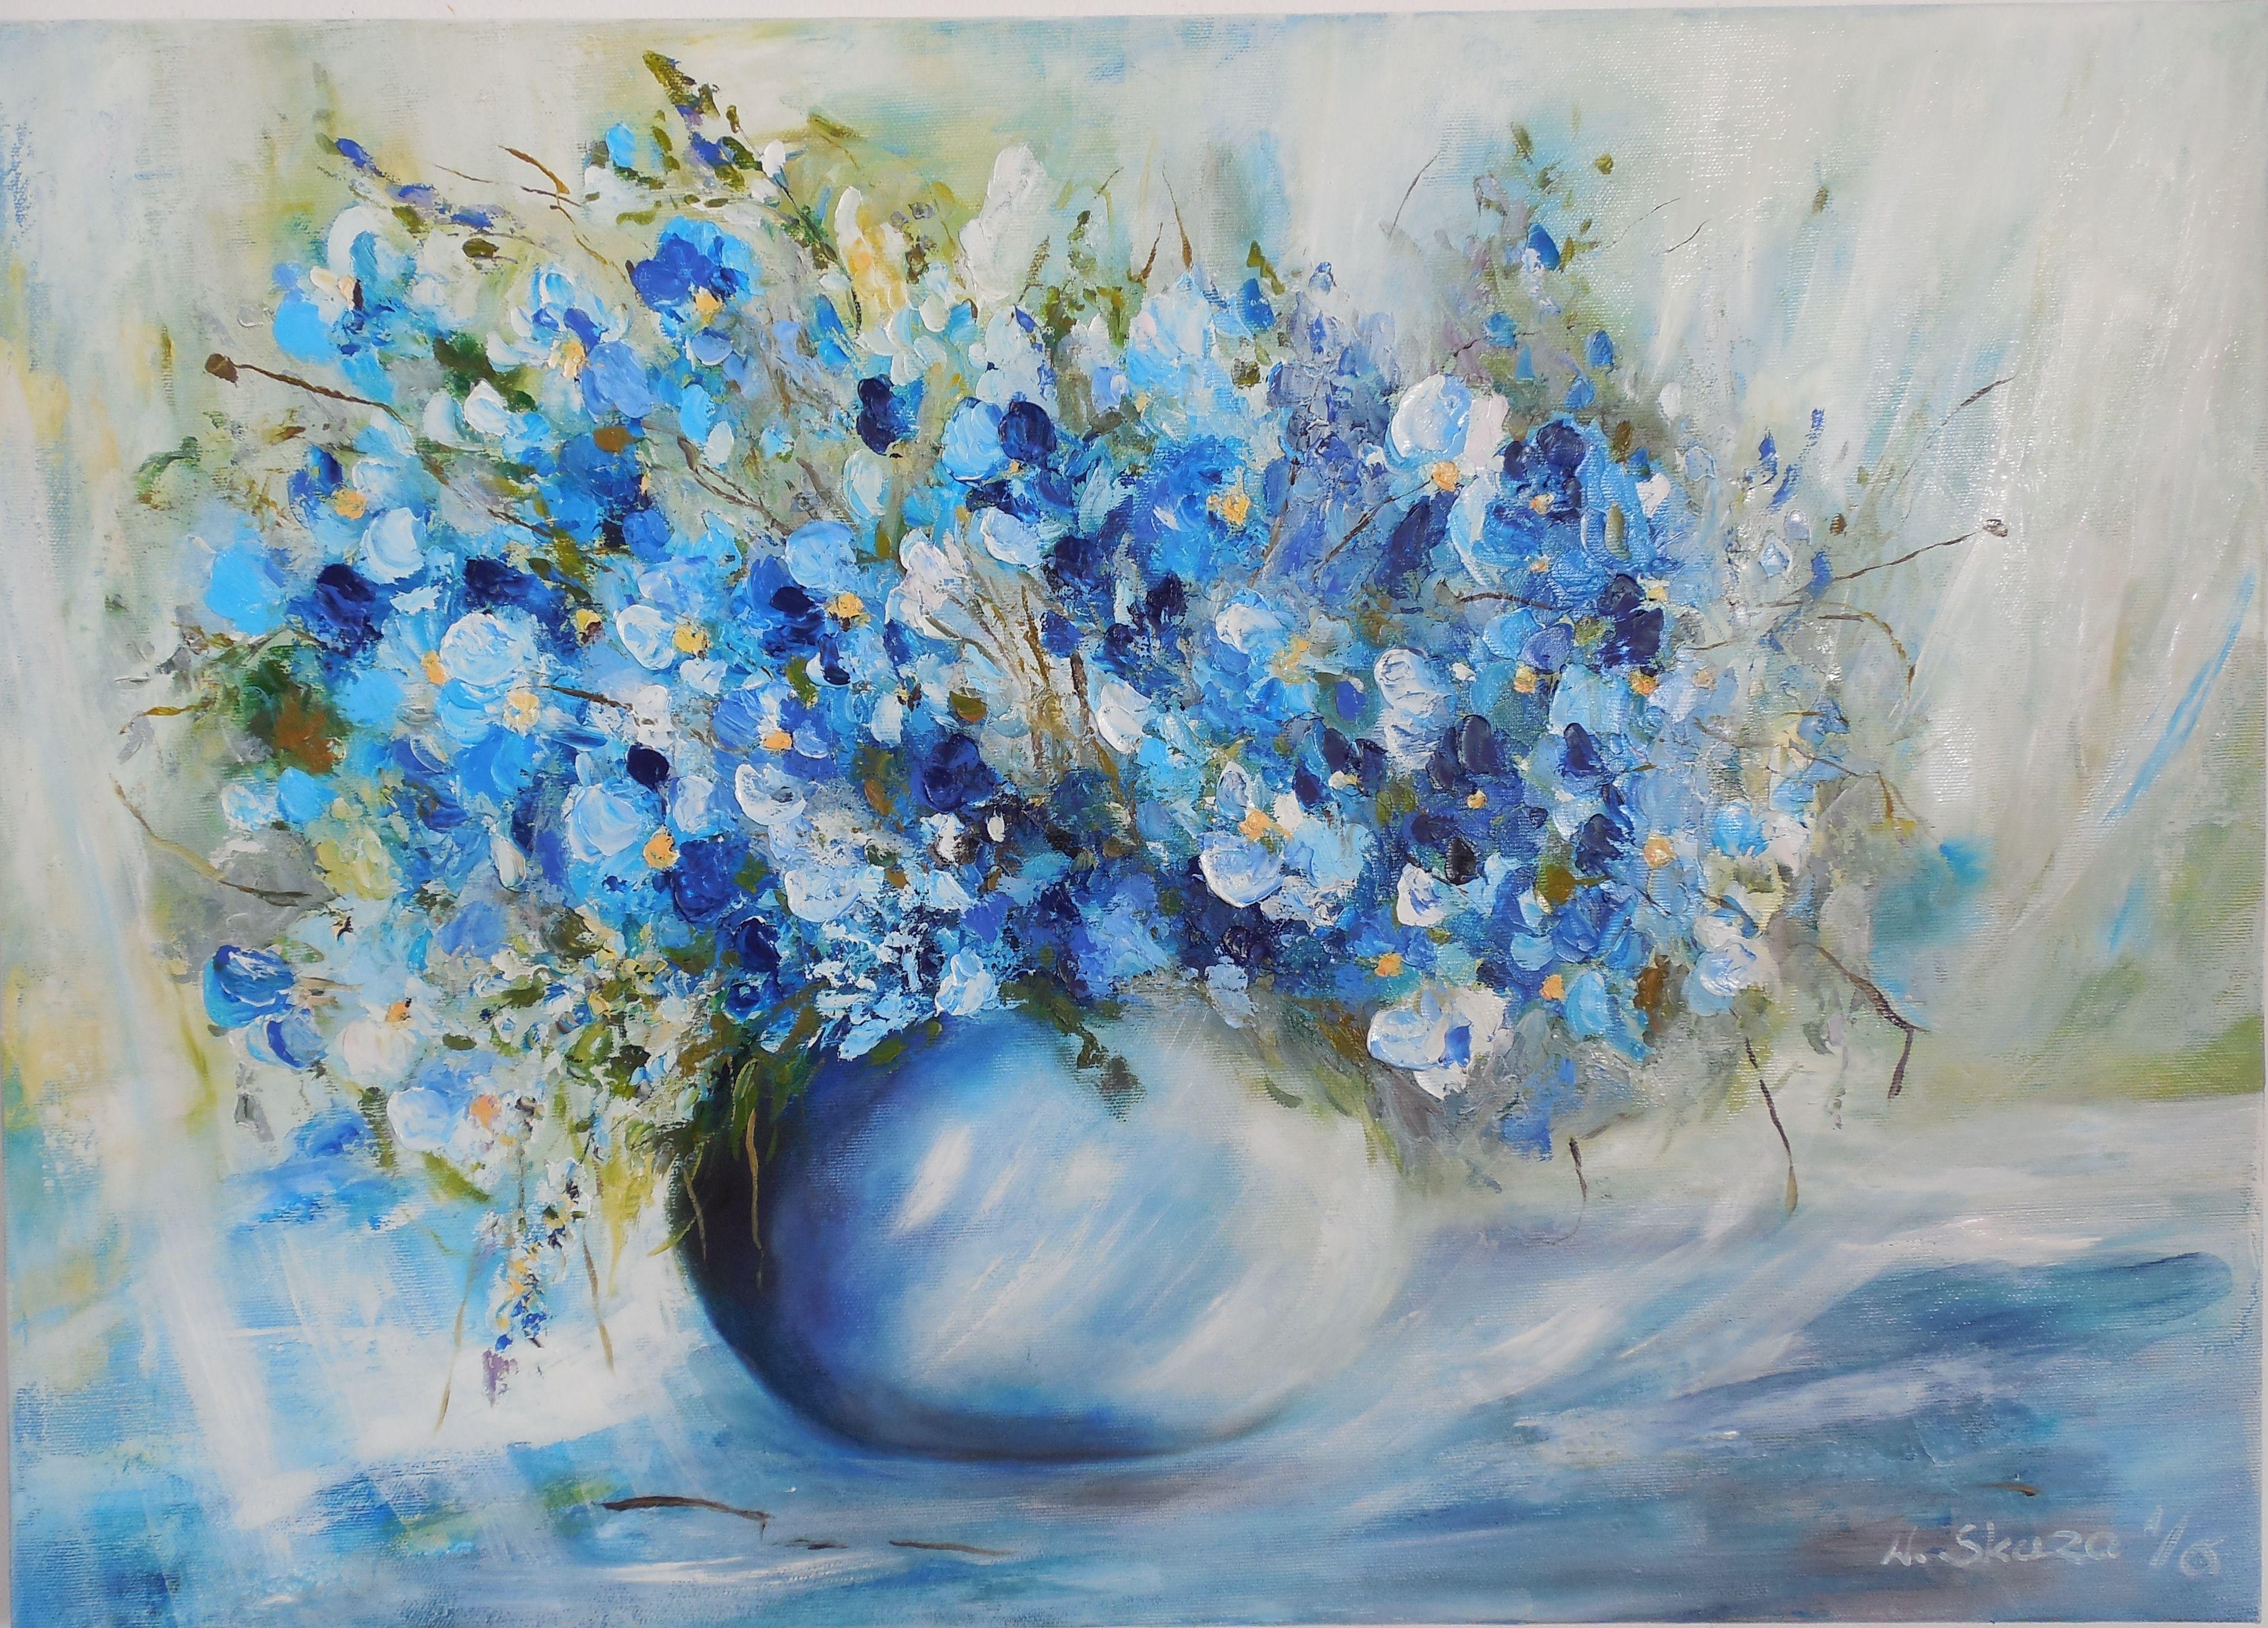 Obraz Olejny Kwiaty Bukiet Niebieskie Kwiaty Malarstwo Abstract Flowers Painting Original Paintings